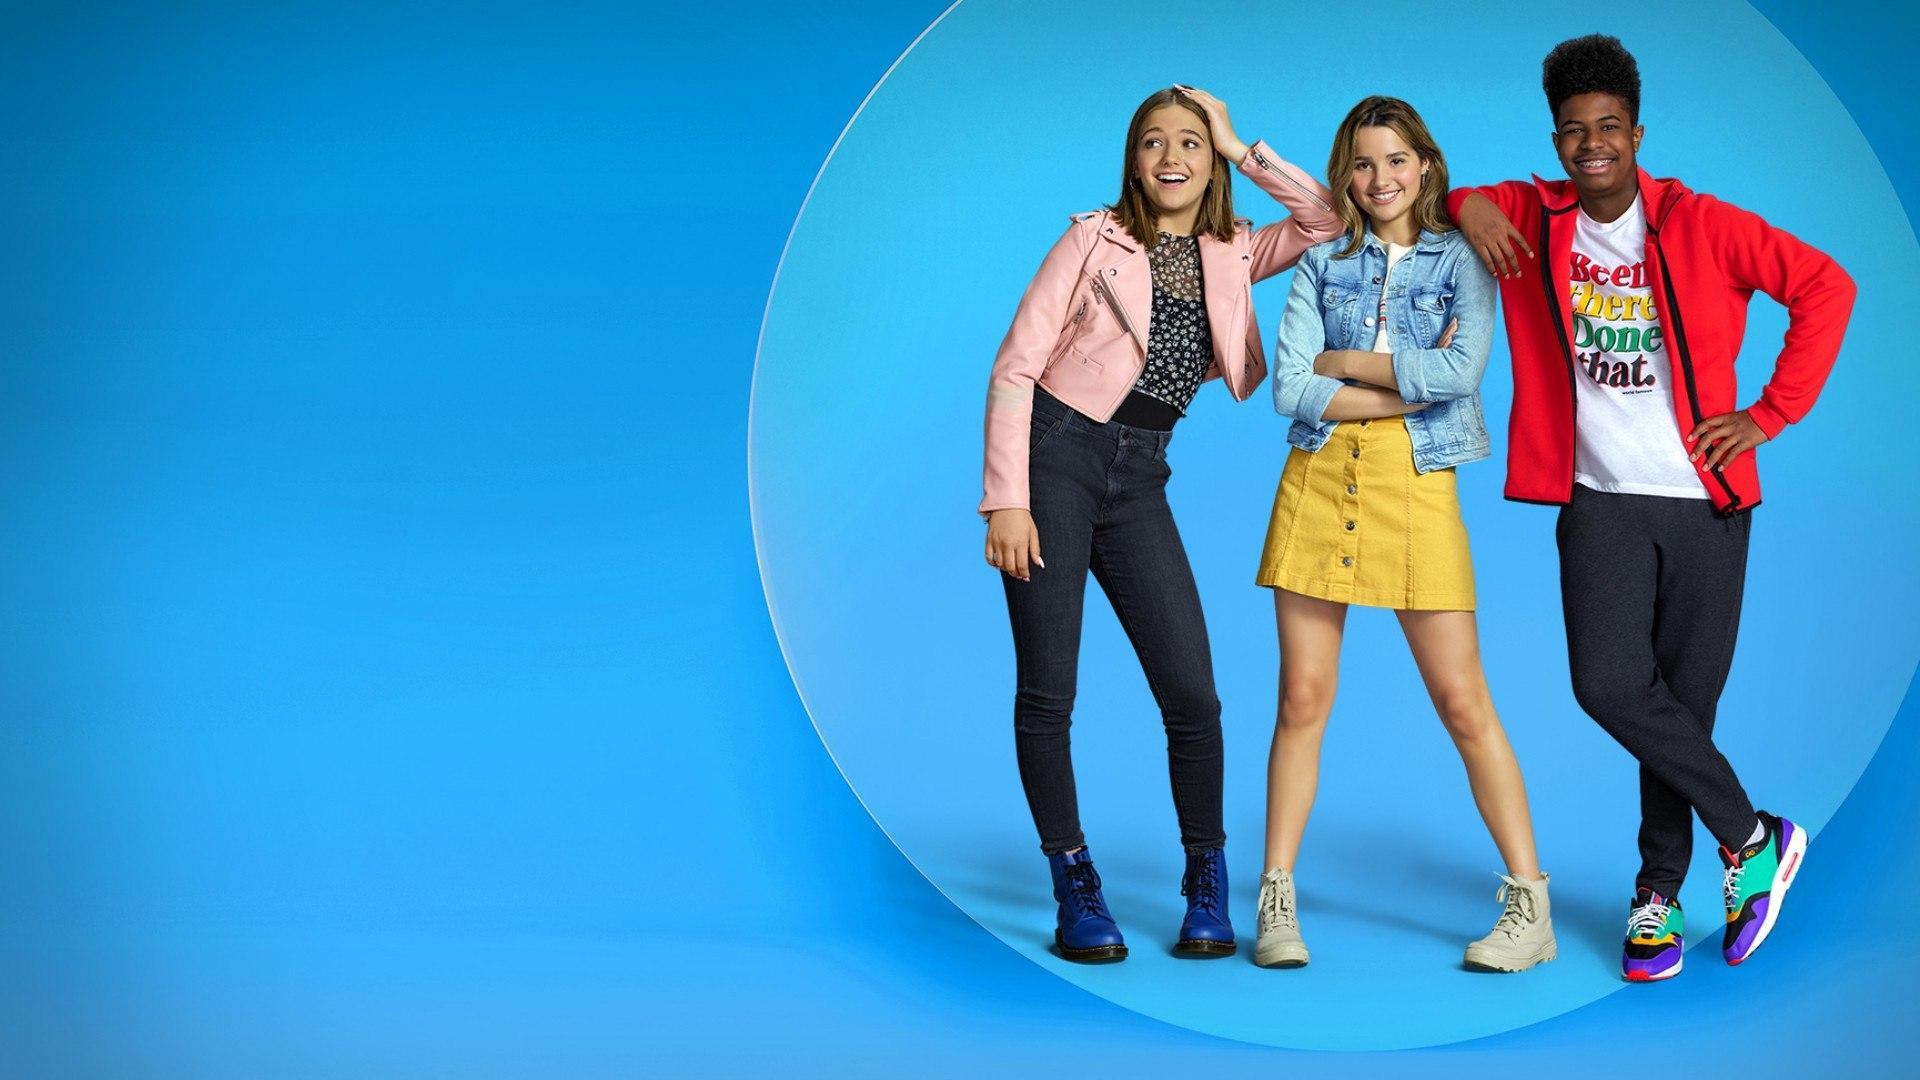 Nickelodeon Lex & Presley